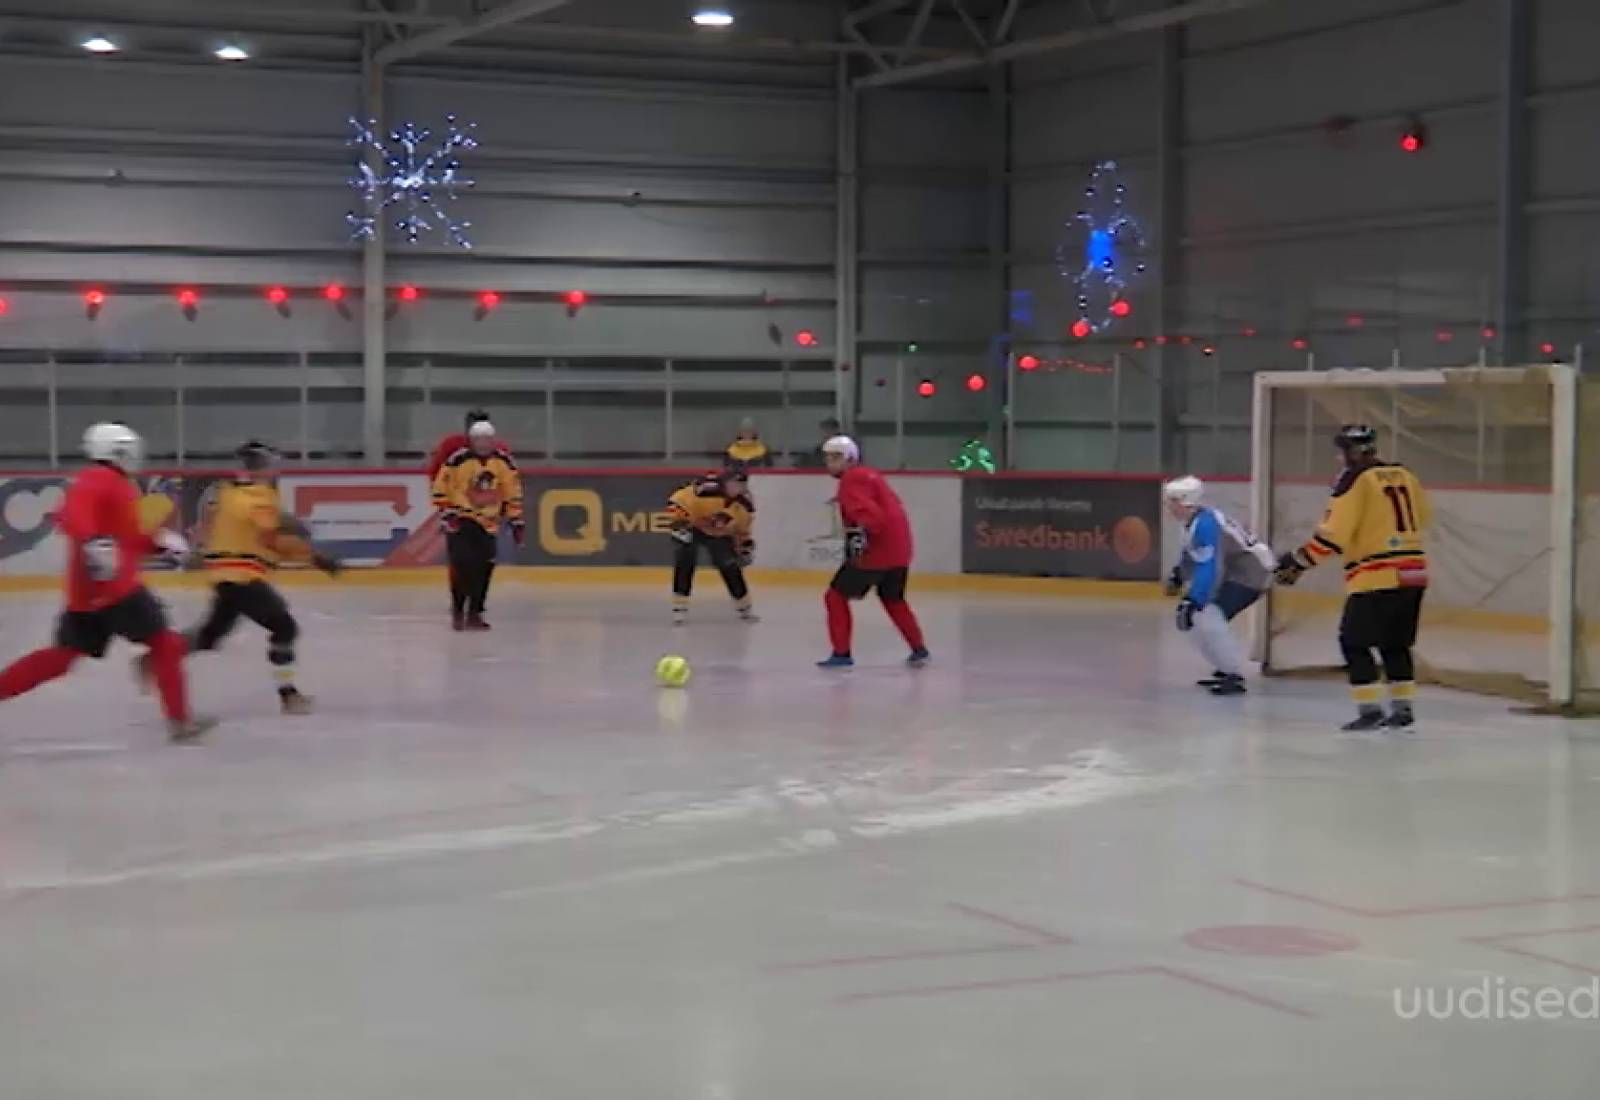 Video! Jääväljakul toimus ainulaadne jalgpallilahing